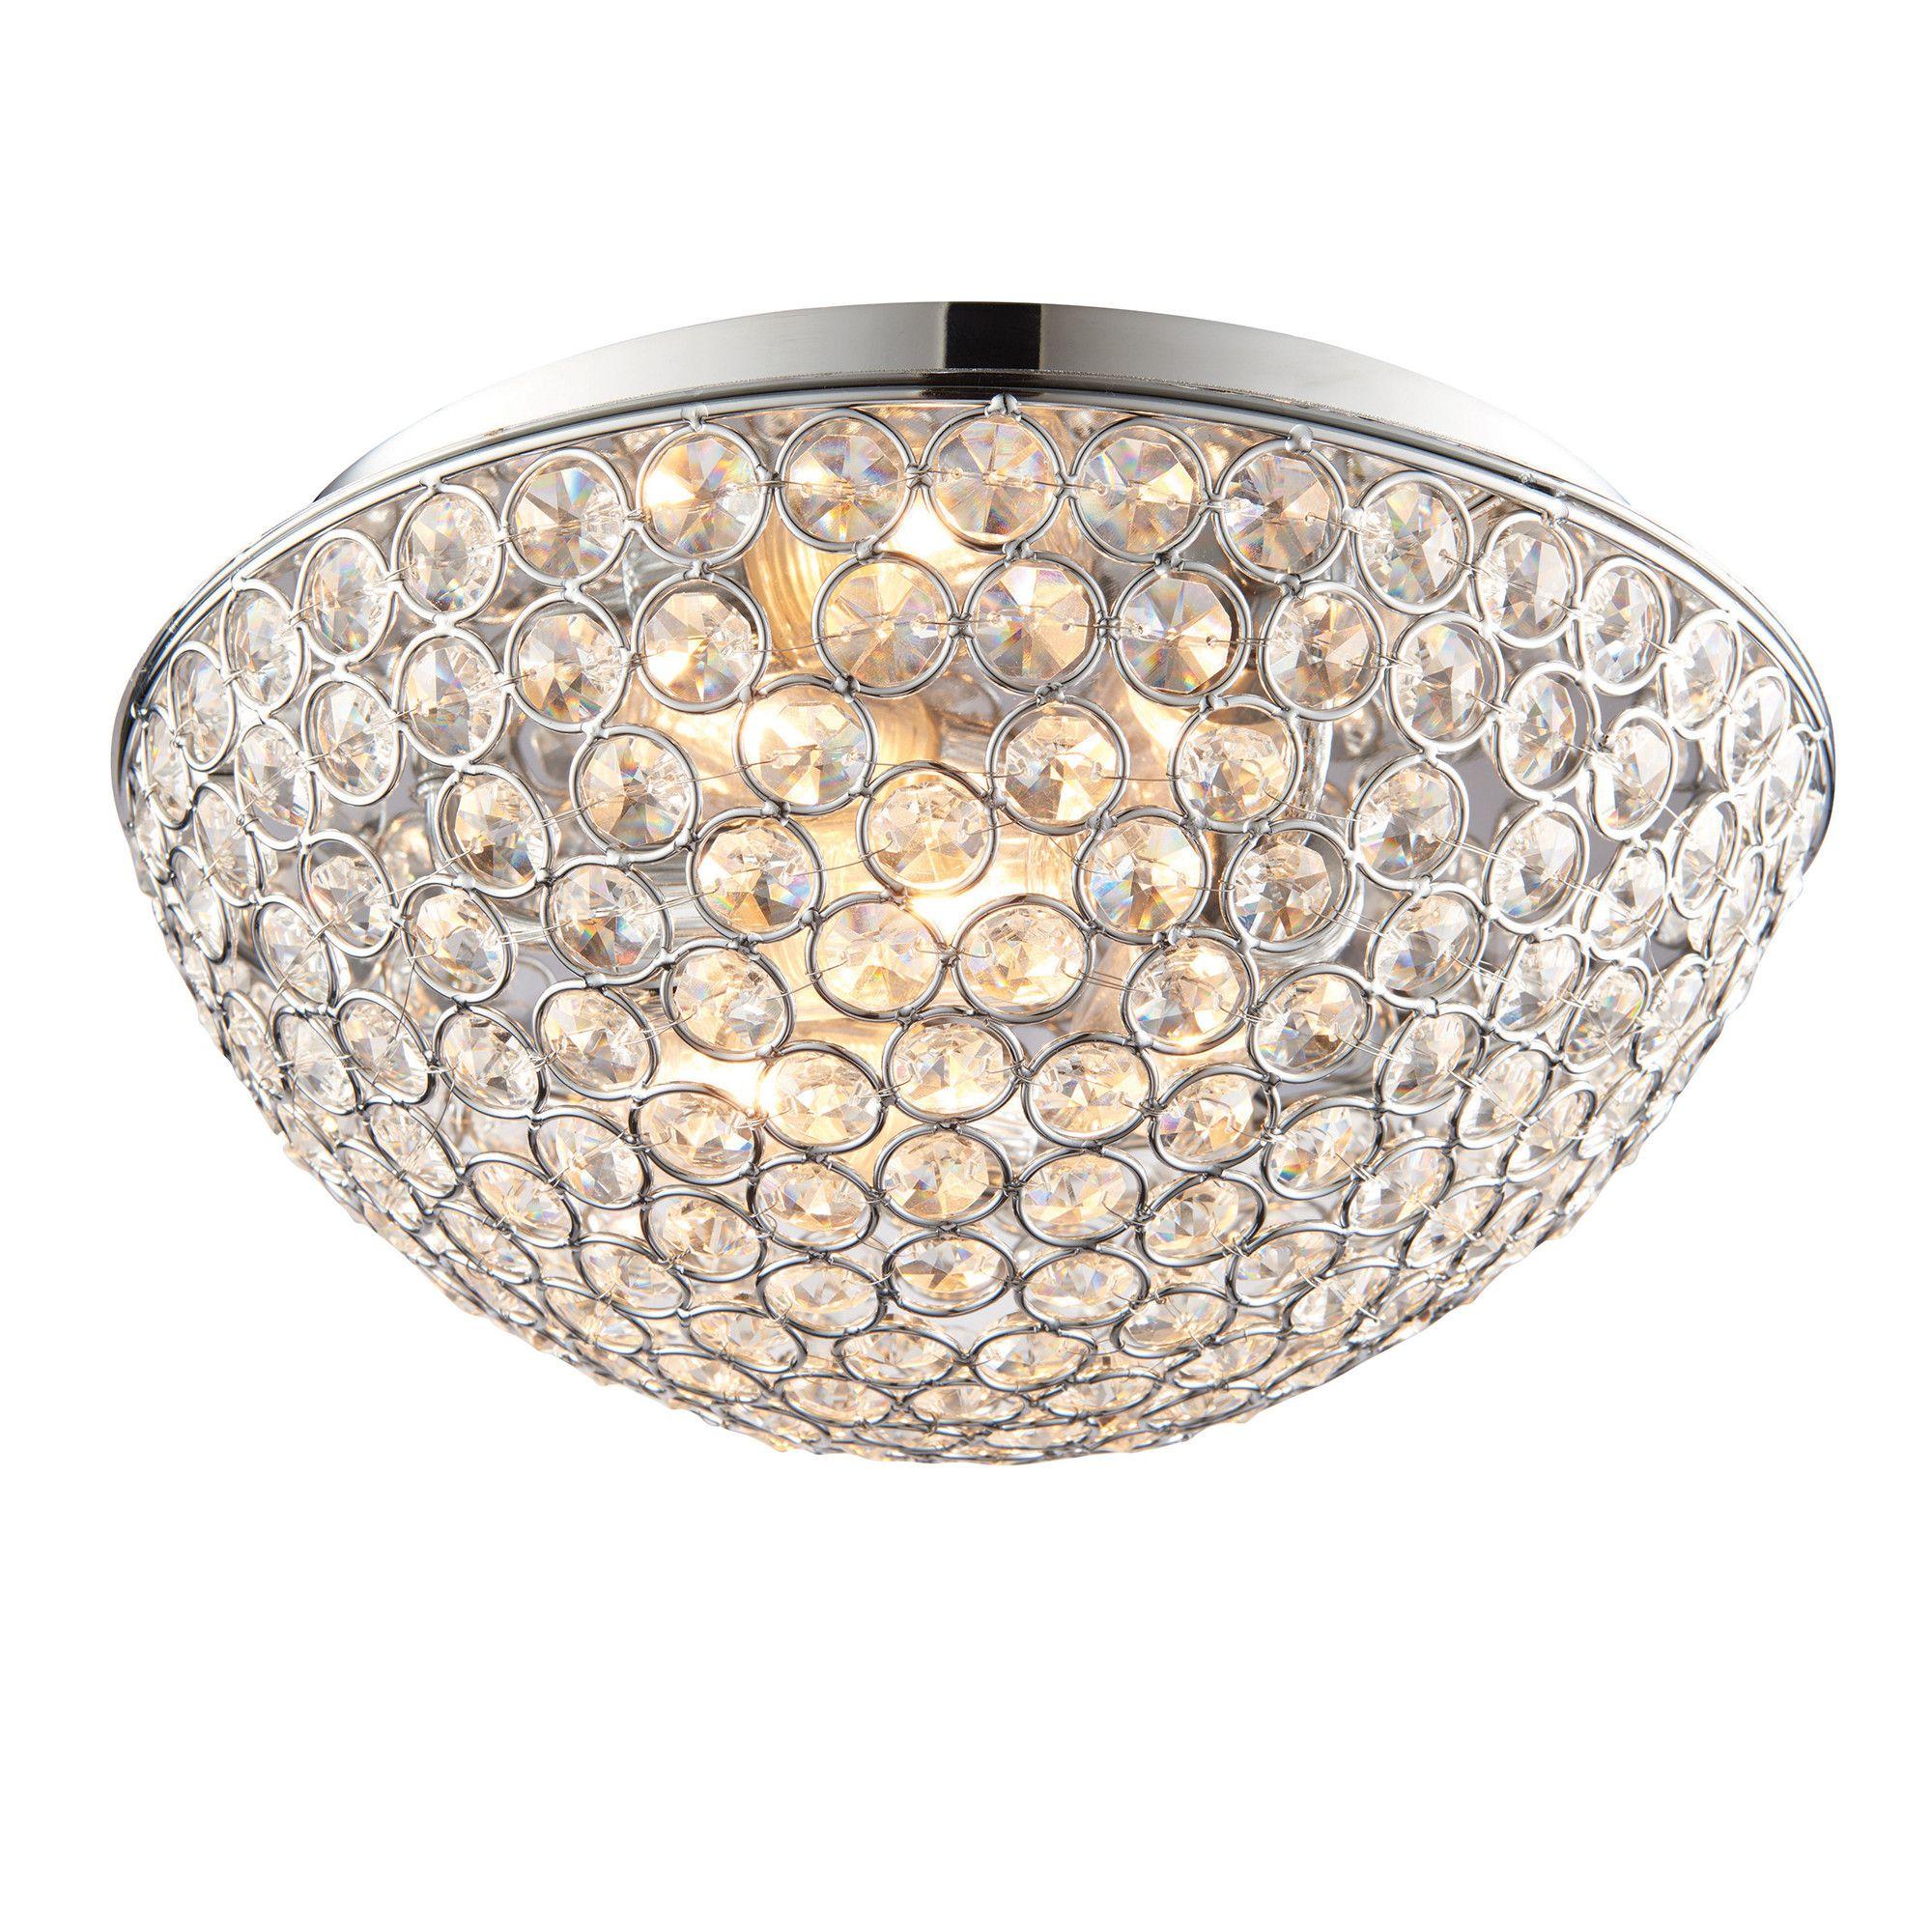 Endon Lighting Chryla 3 Light Flush Ceiling Reviews Wayfair Uk